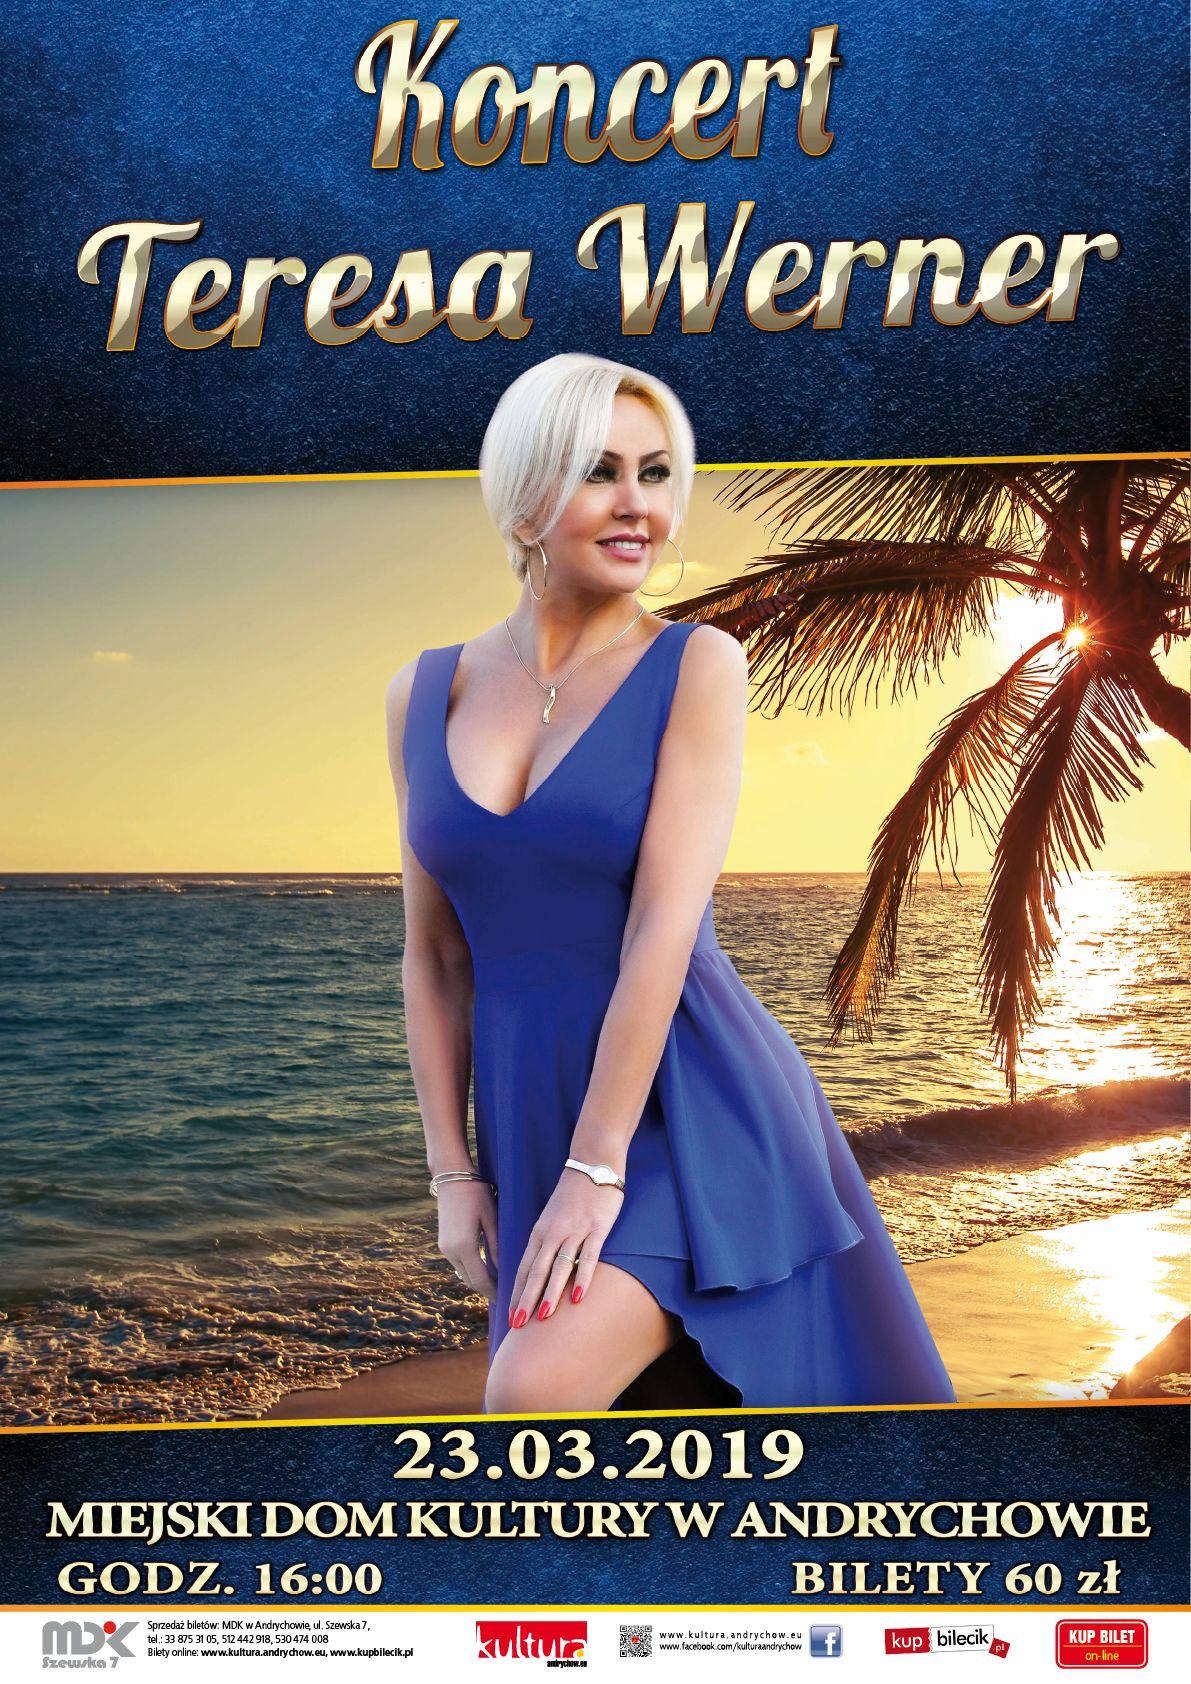 Uwaga! Ostatnie wolne bilety na koncert Teresy Werner